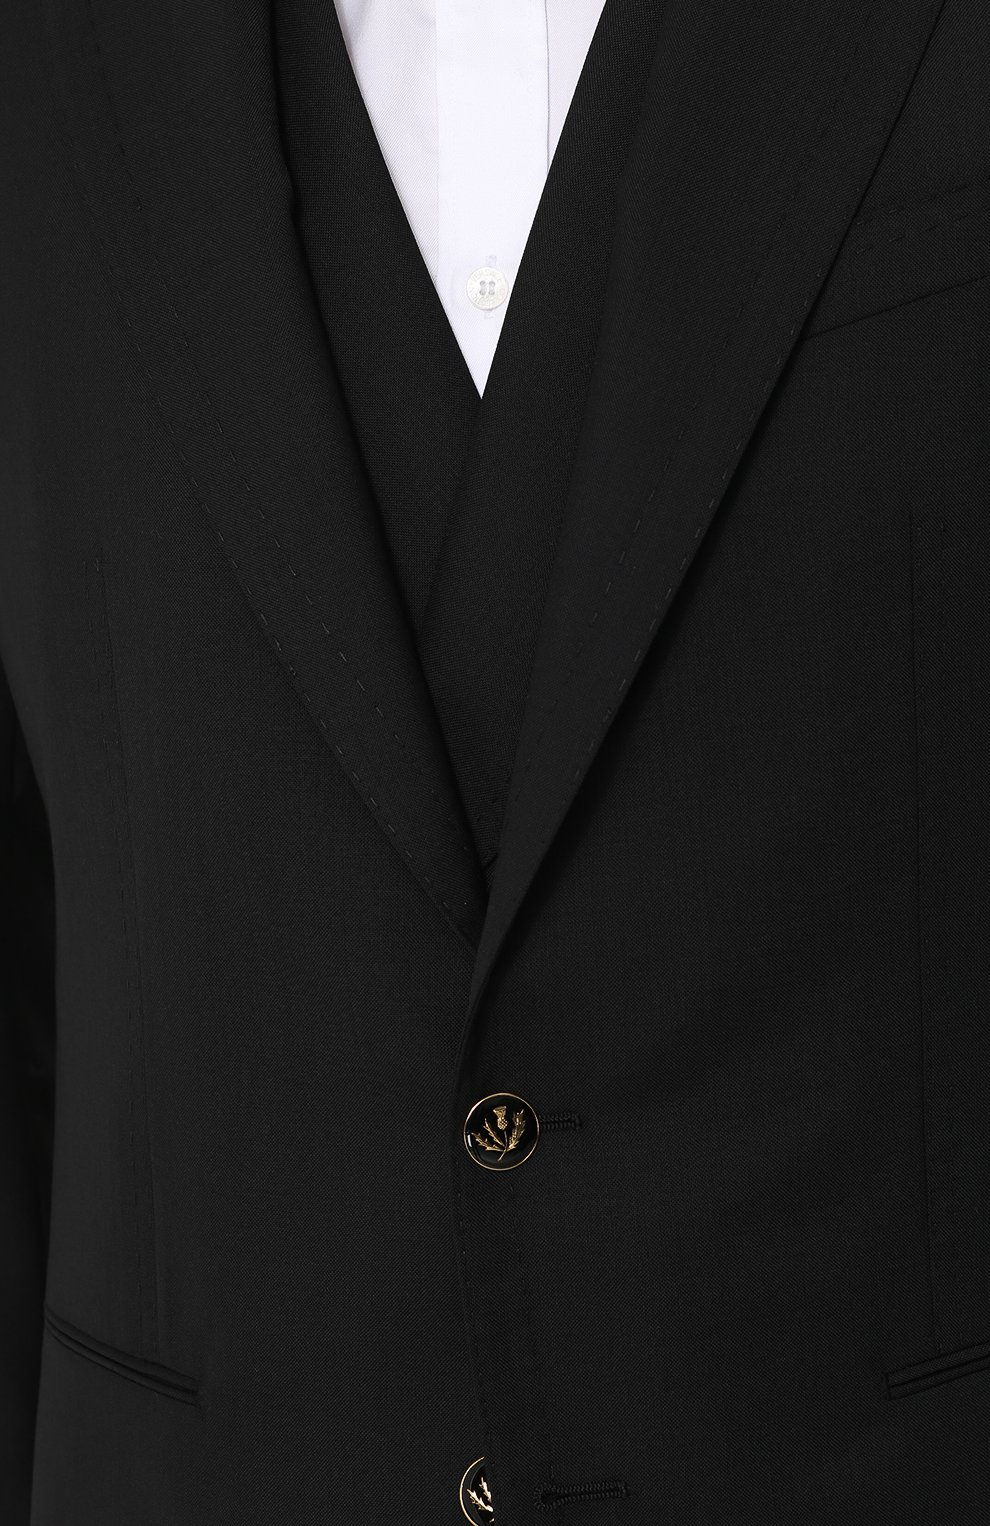 Шерстяной костюм-тройка   Фото №8